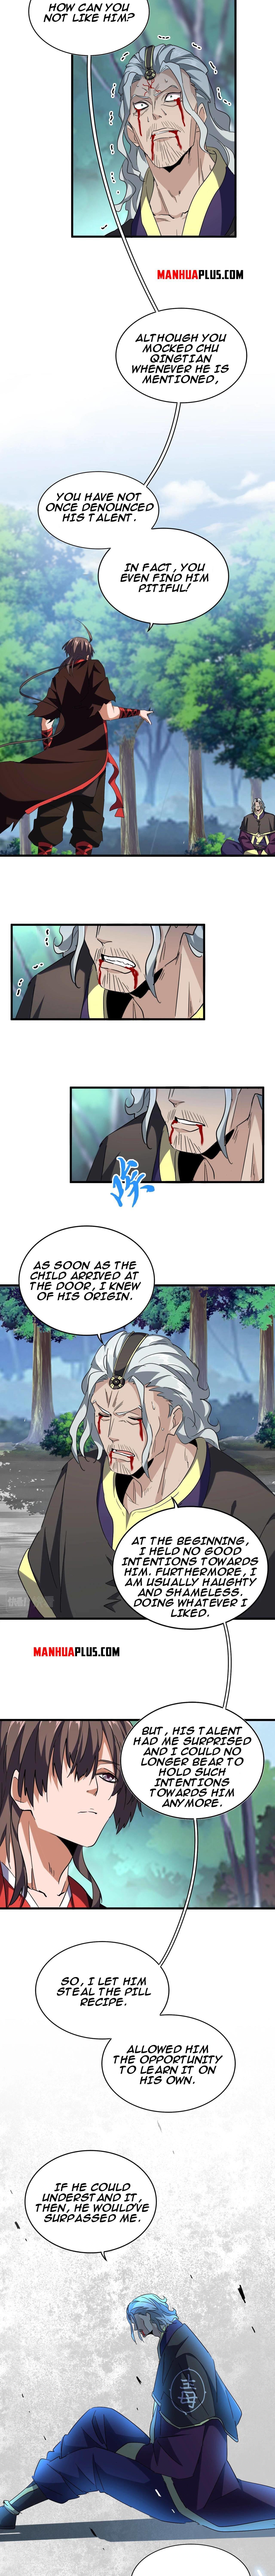 Magic Emperor Chapter 205 page 8 - Mangakakalots.com